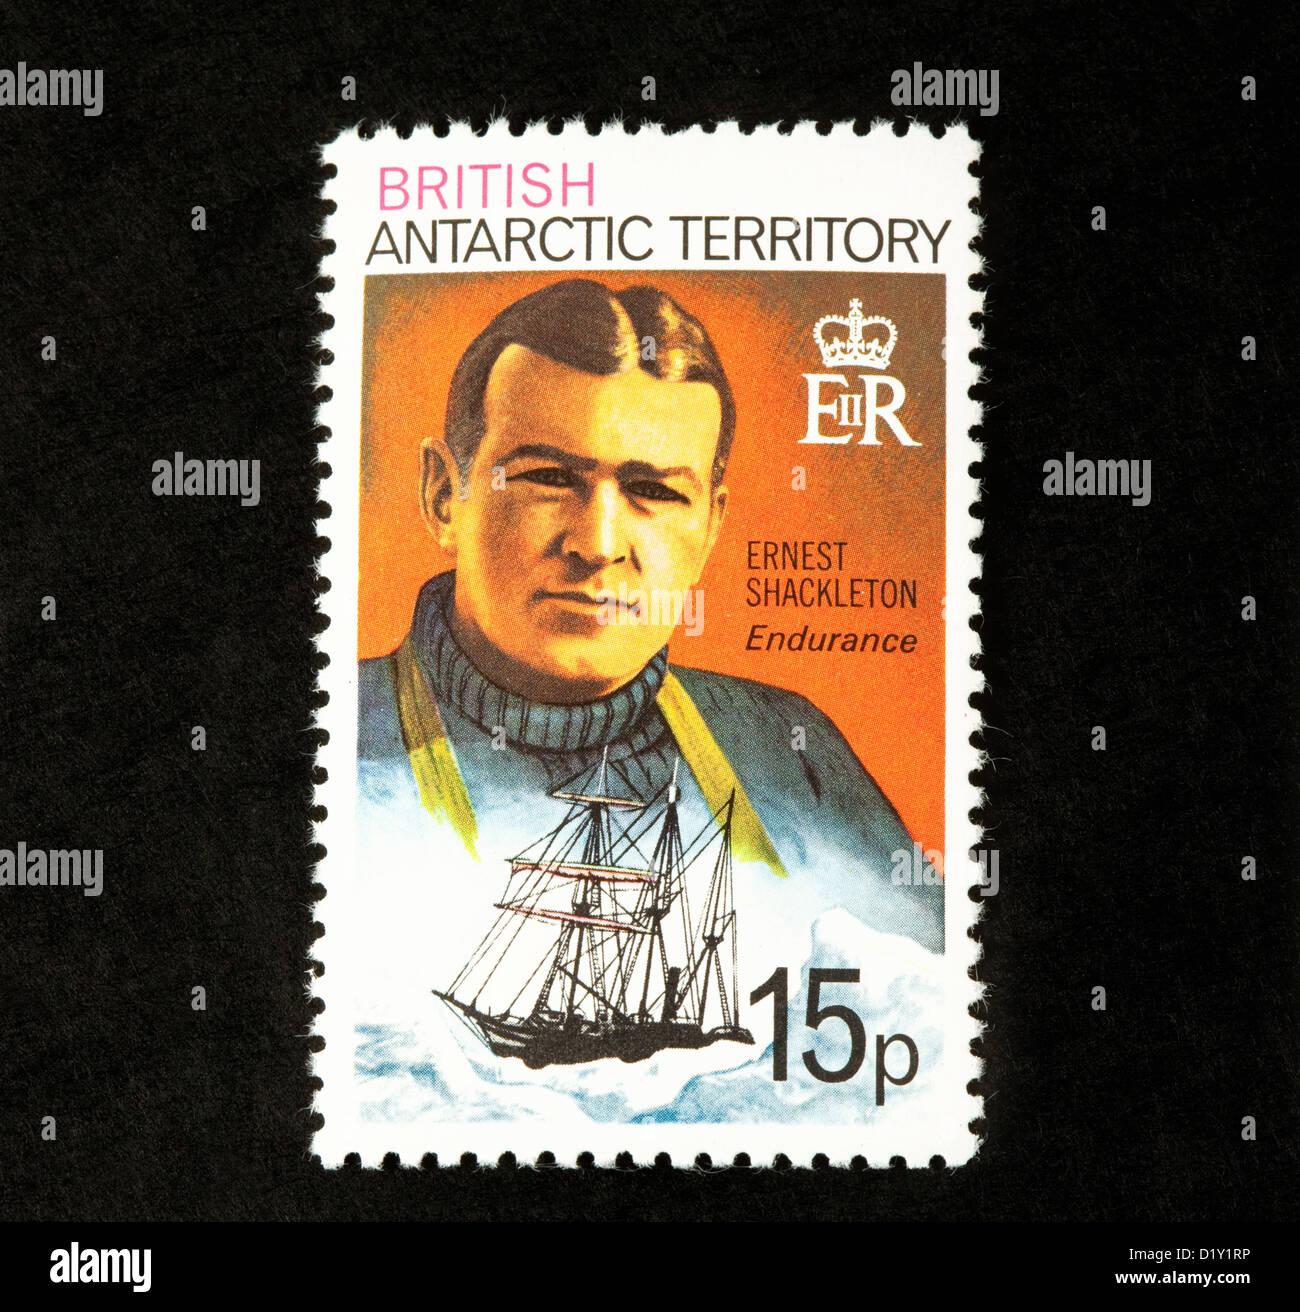 Un sello del Territorio Antártico Británico mostrando explorer Ernest Shackleton y la resistencia Imagen De Stock